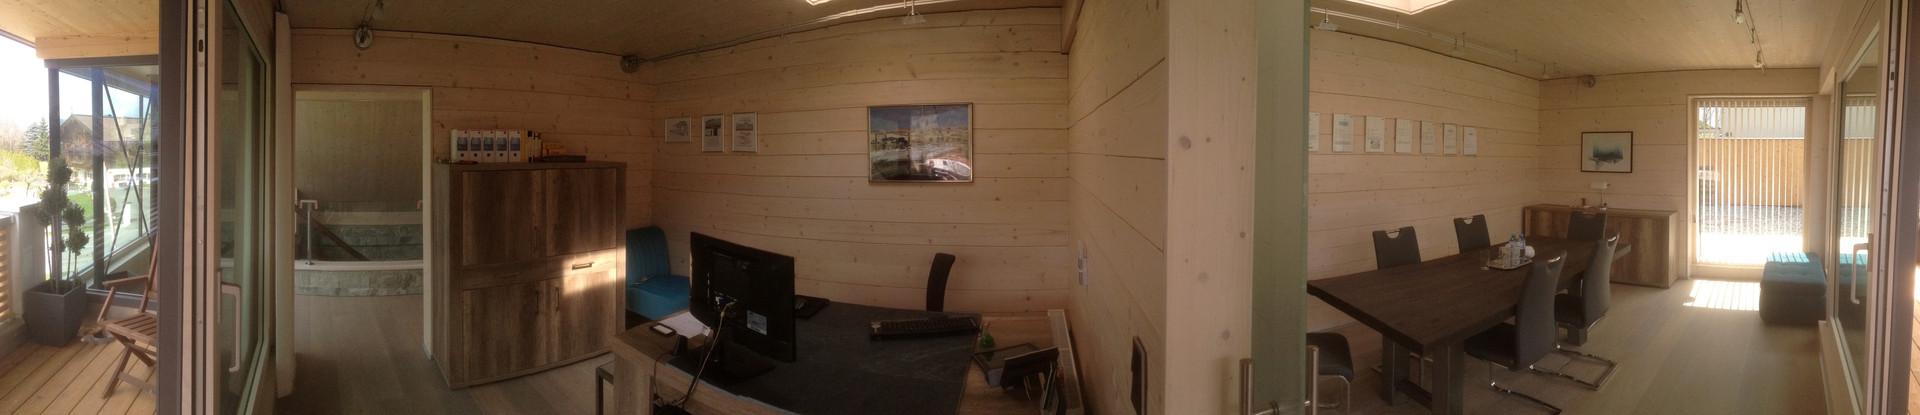 Office Kitzbühel